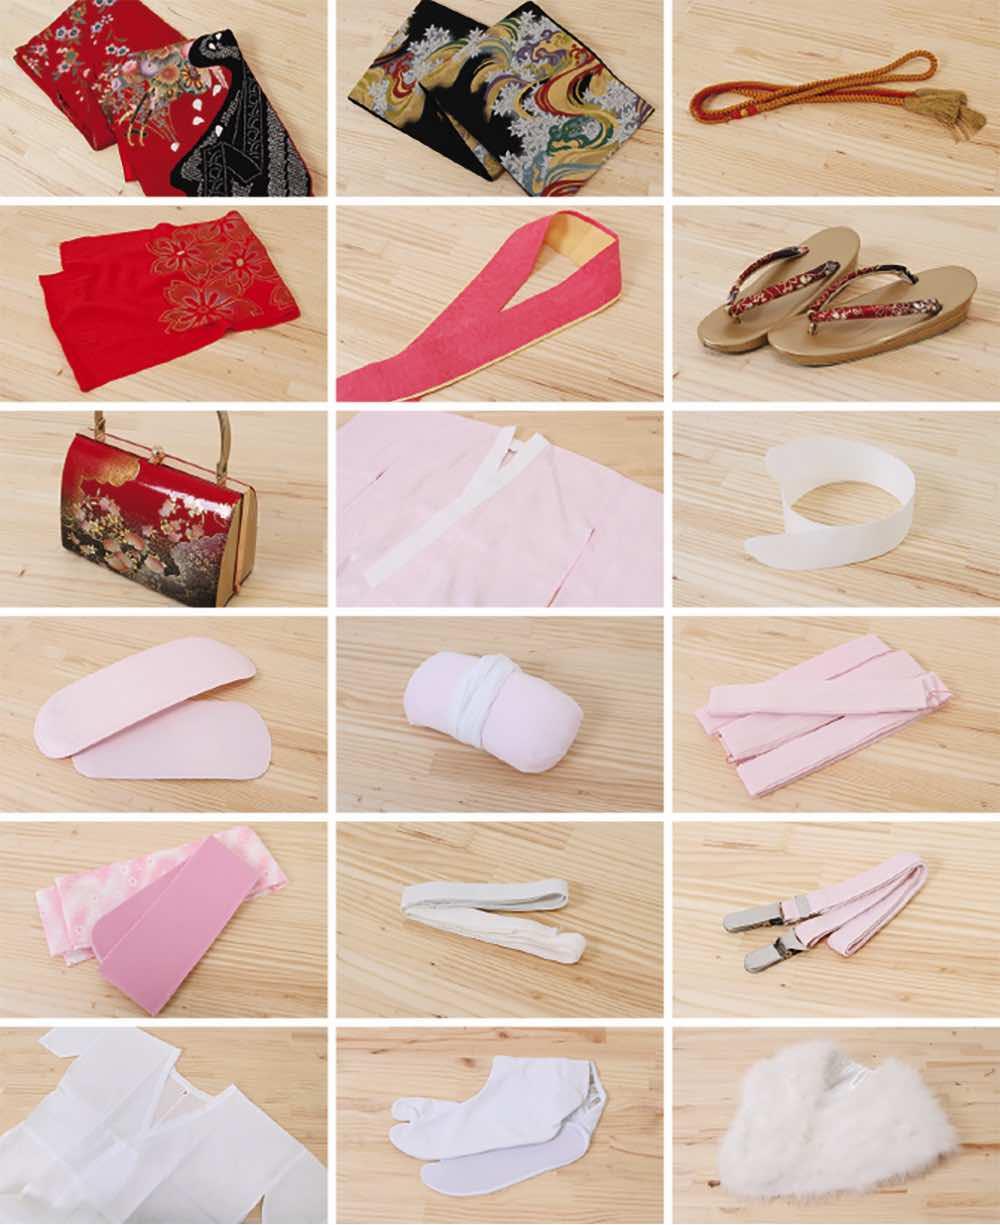 振袖レンタル | 桔梗色のしぼり流華 のセット内容